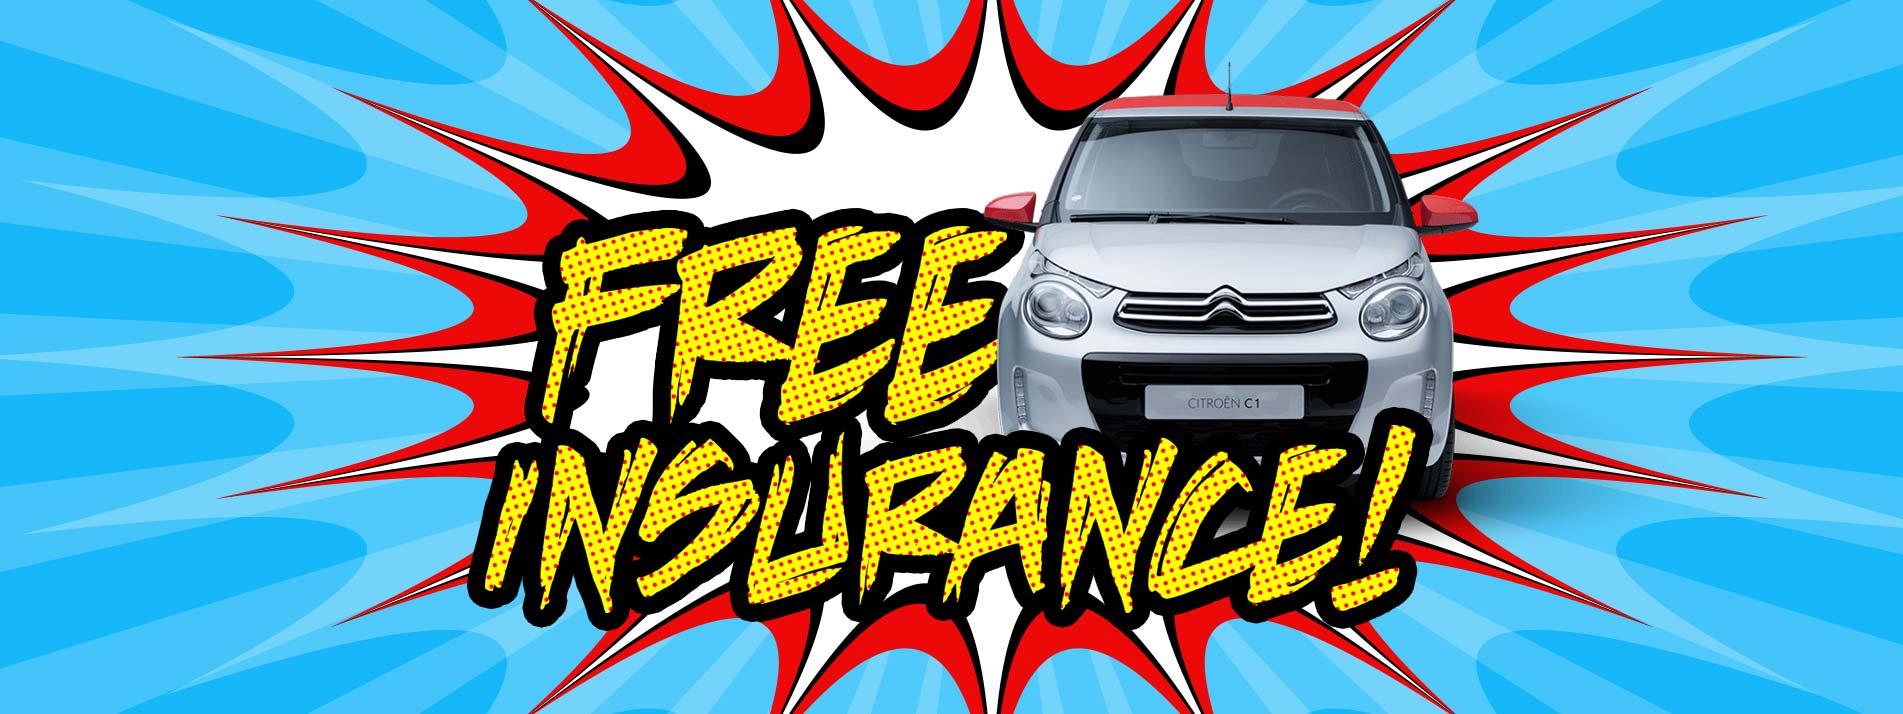 c1-free-insurance-offer-m-sli